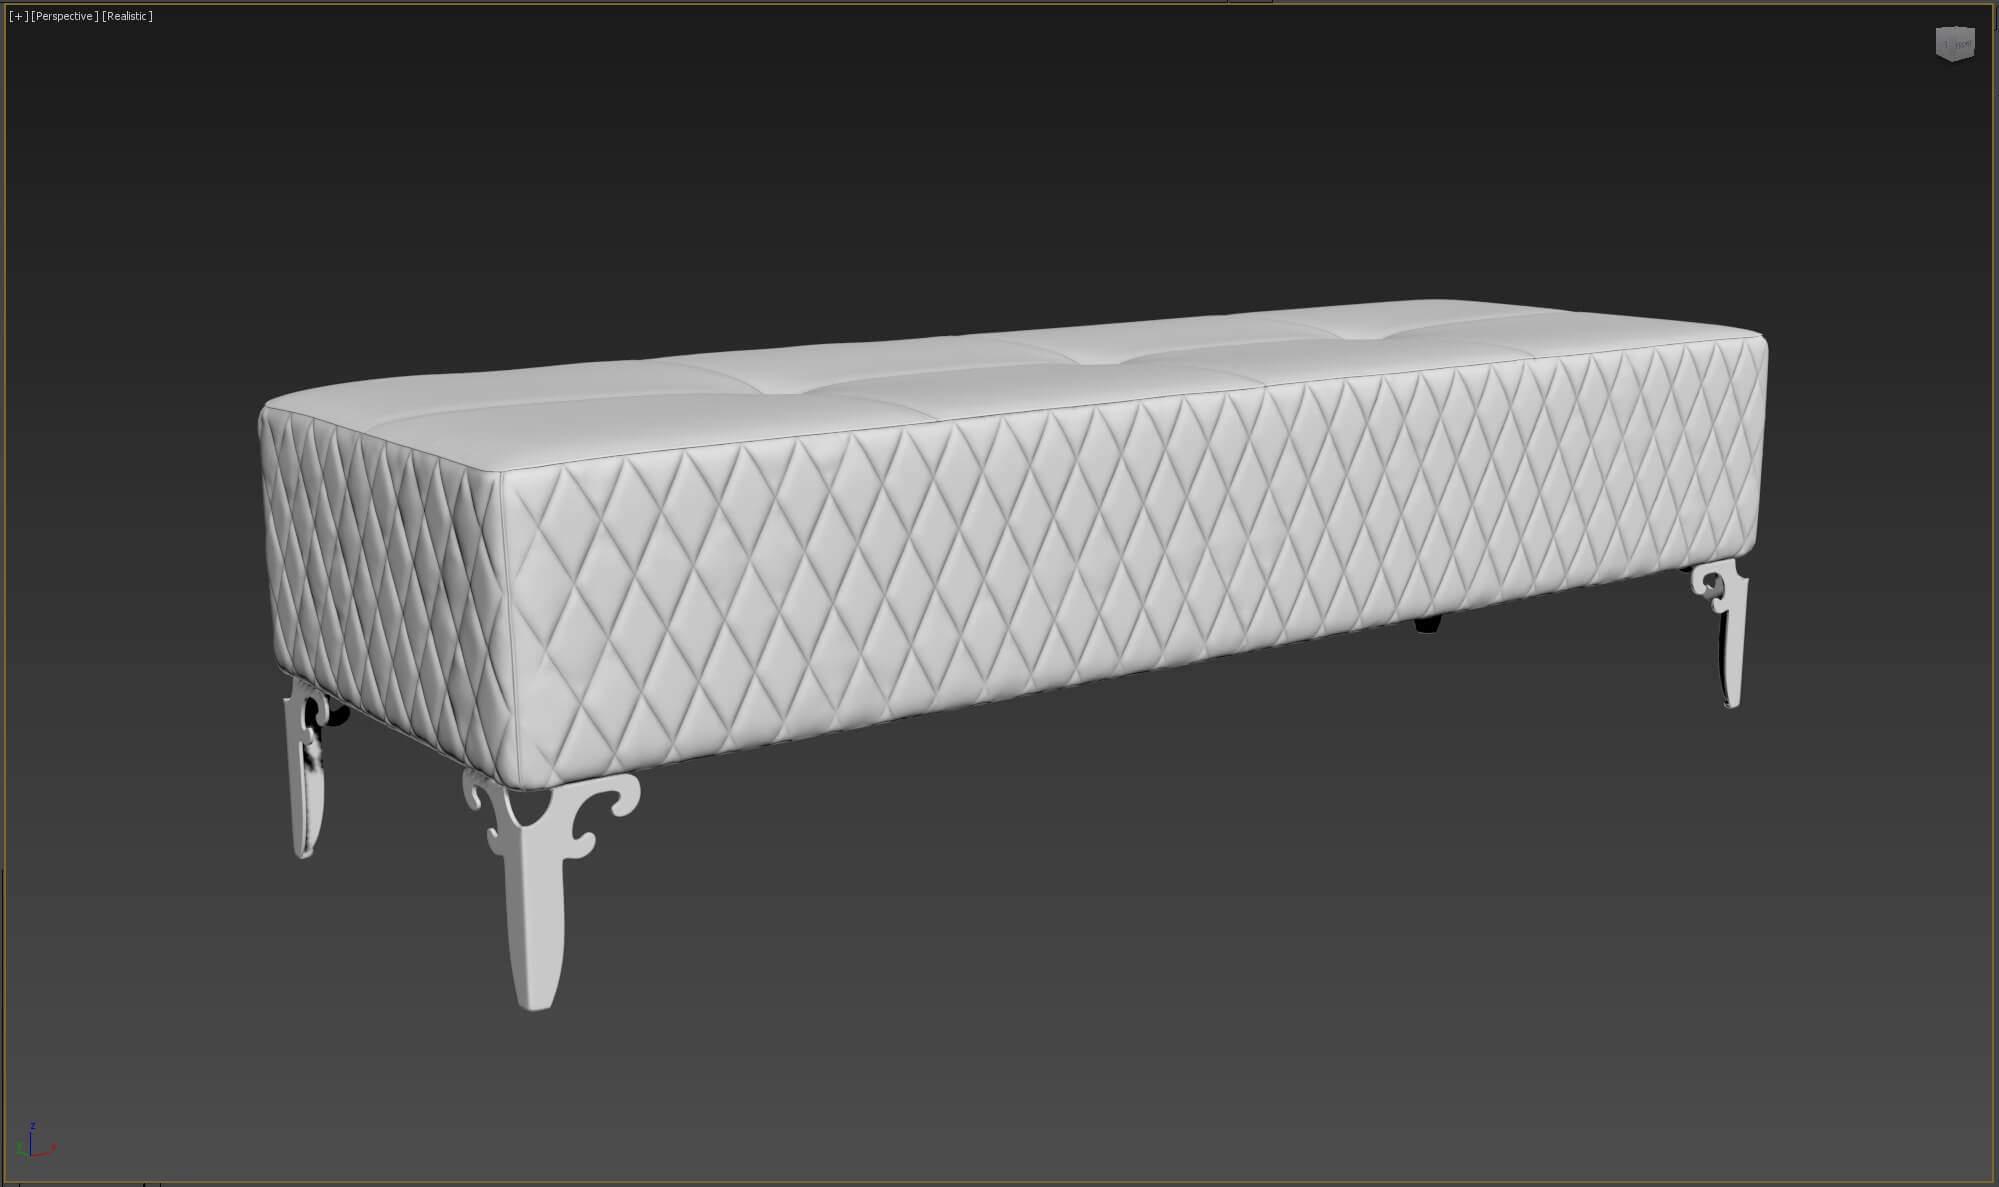 Как создать 3d модель прикроватной скамьи DV Home Quilt в 3dsMax, Marvelous Designer_9